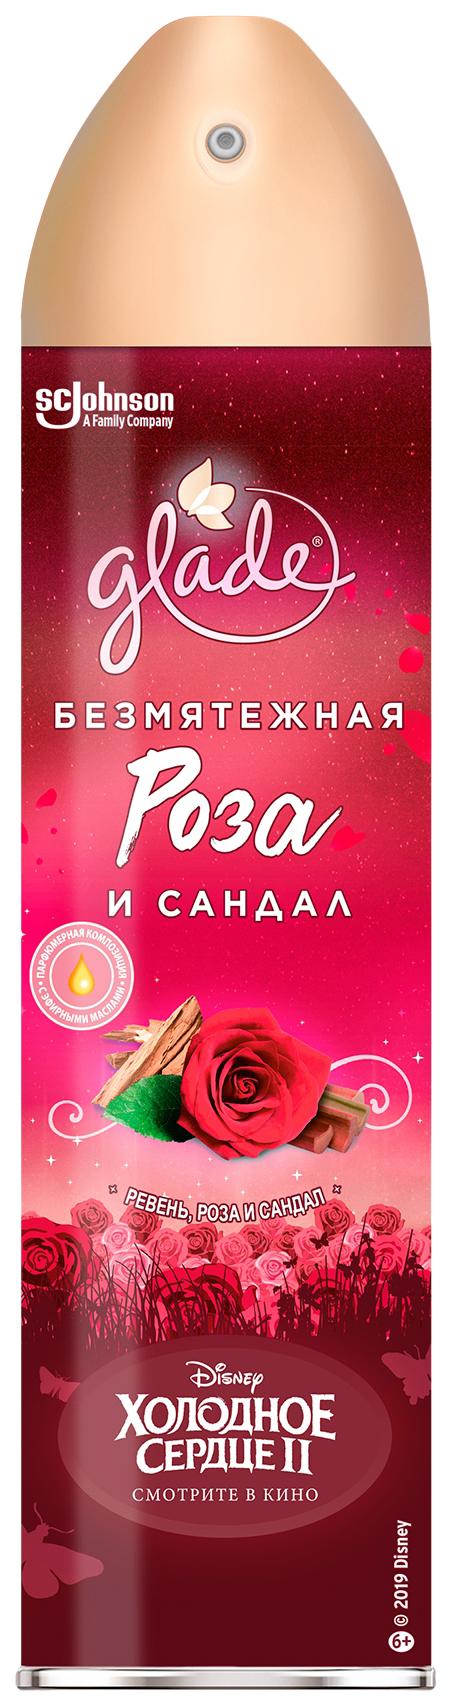 Освежитель воздуха glade холодное сердце 2 (300 мл)-безмятежная роза и сандал